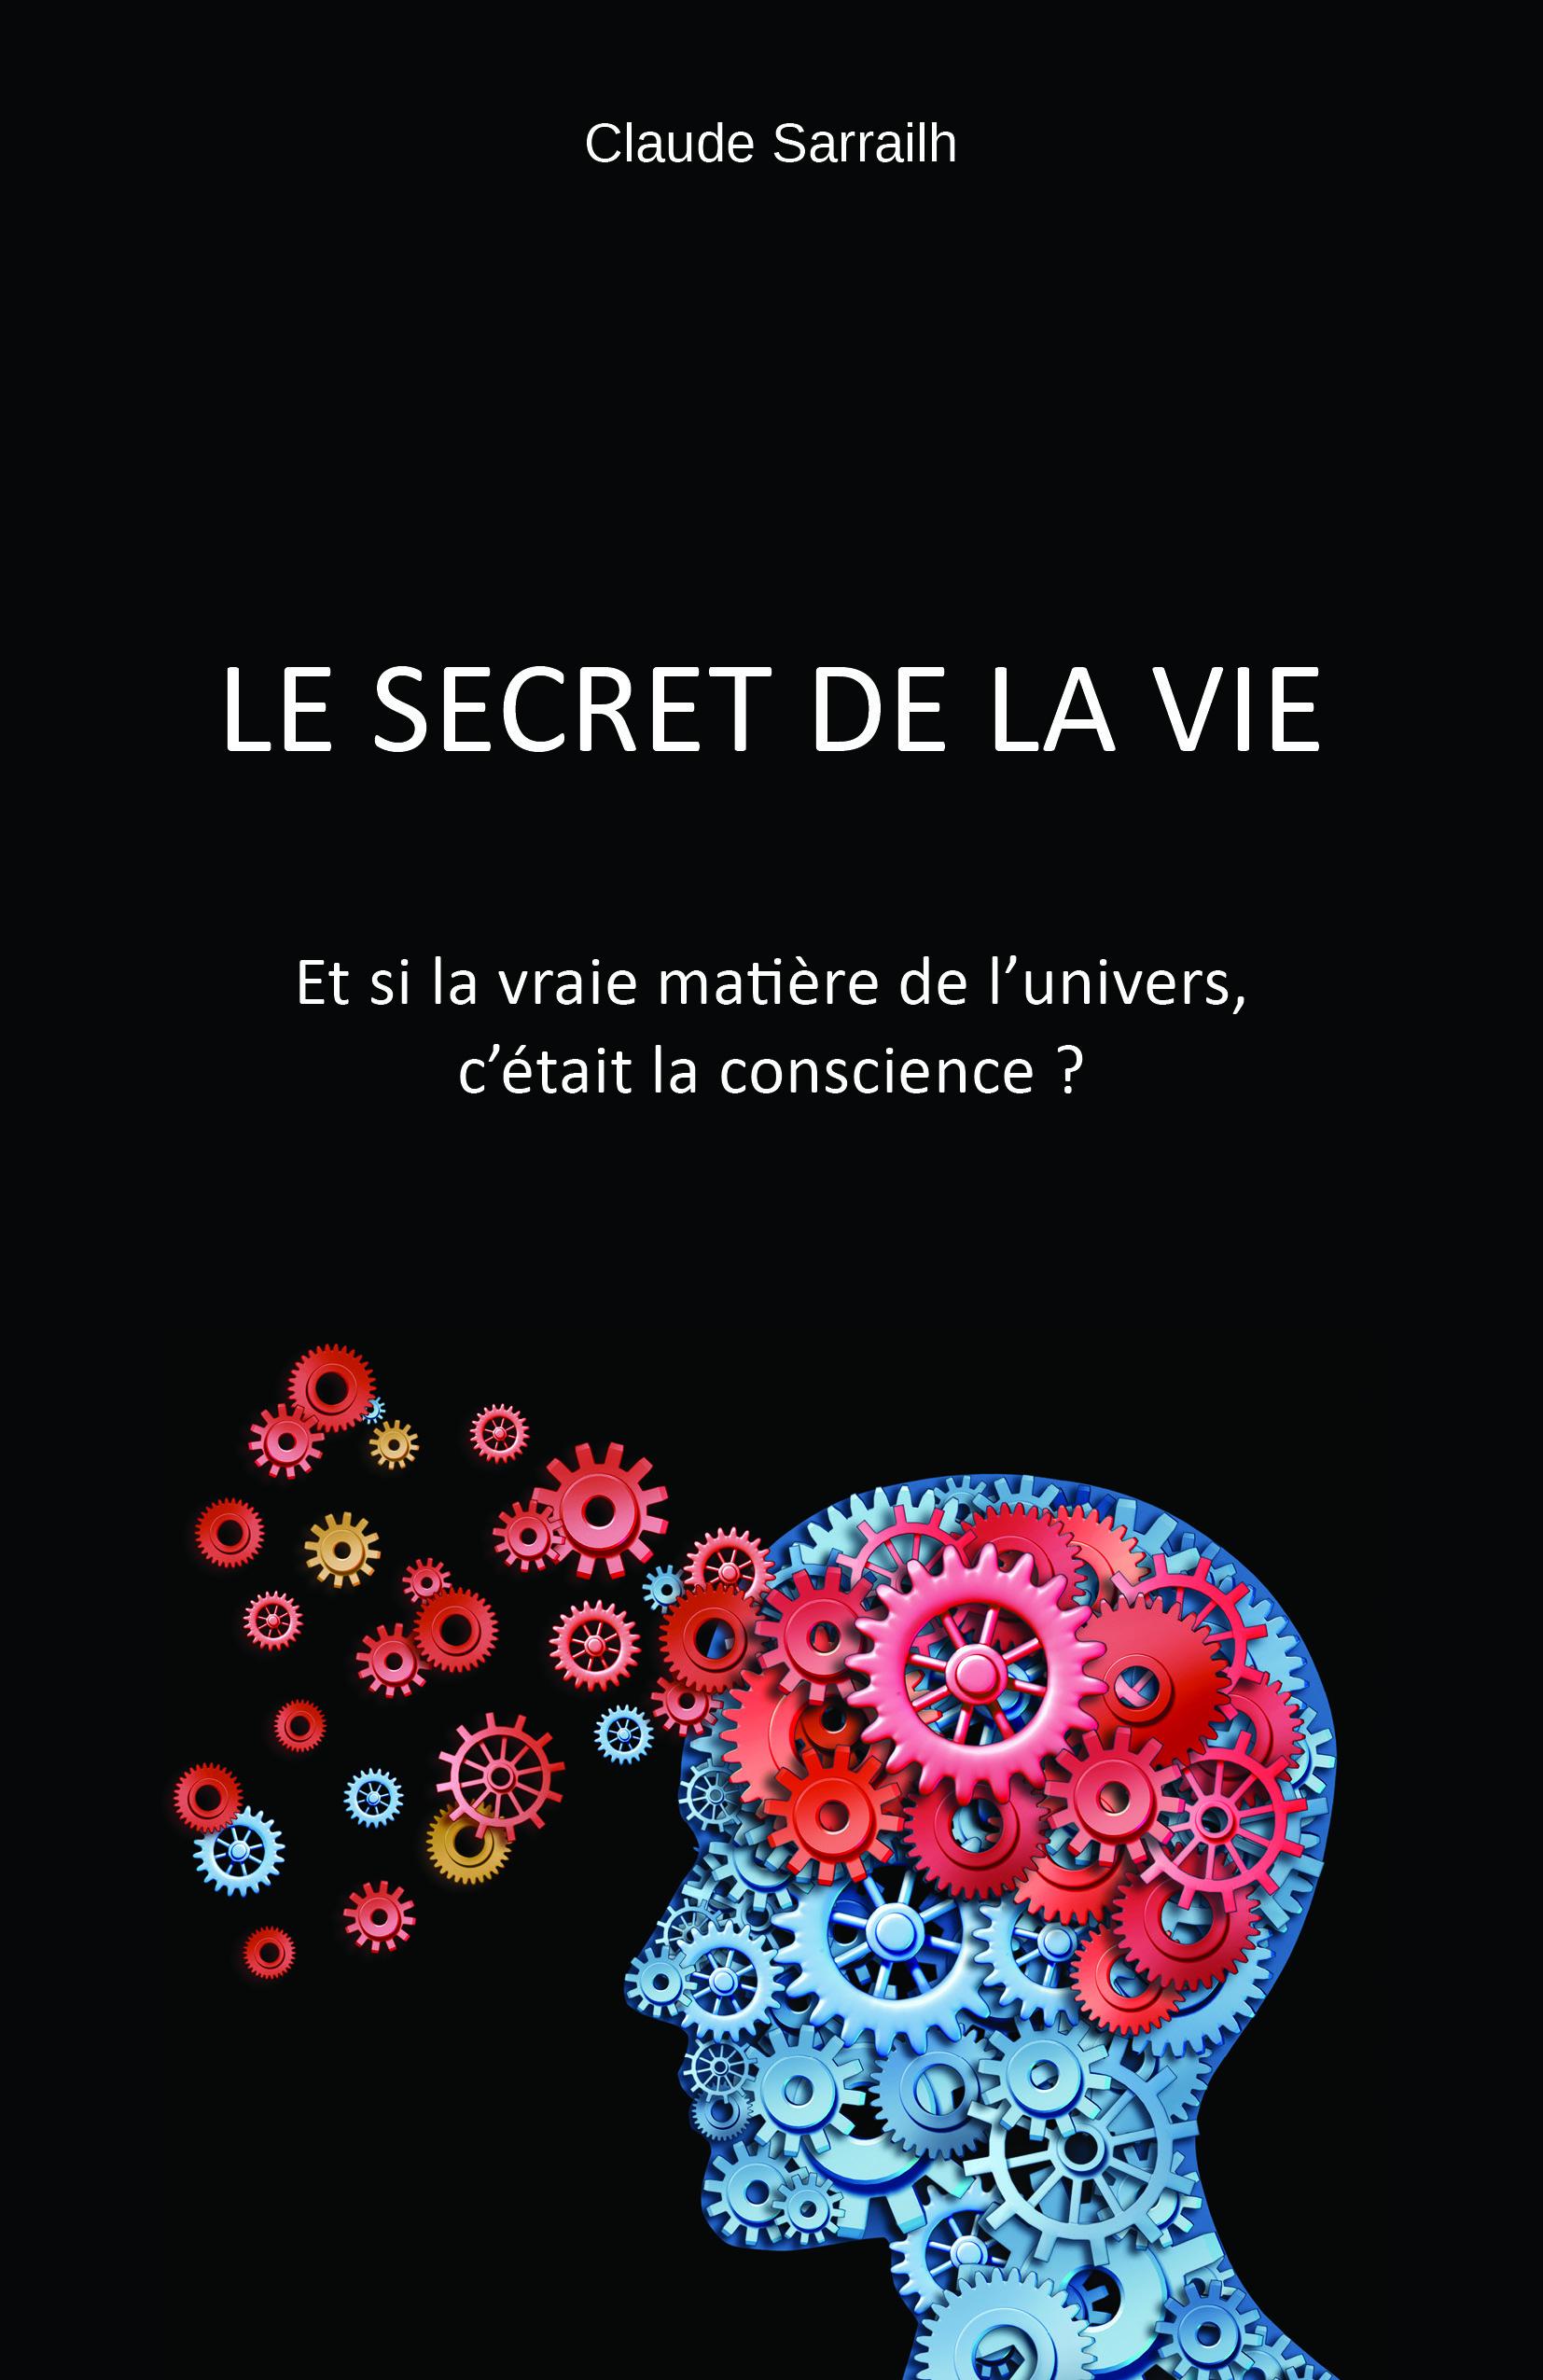 Le secret de la vie, Et si la vraie matière de l'univers, c'était la conscience ?